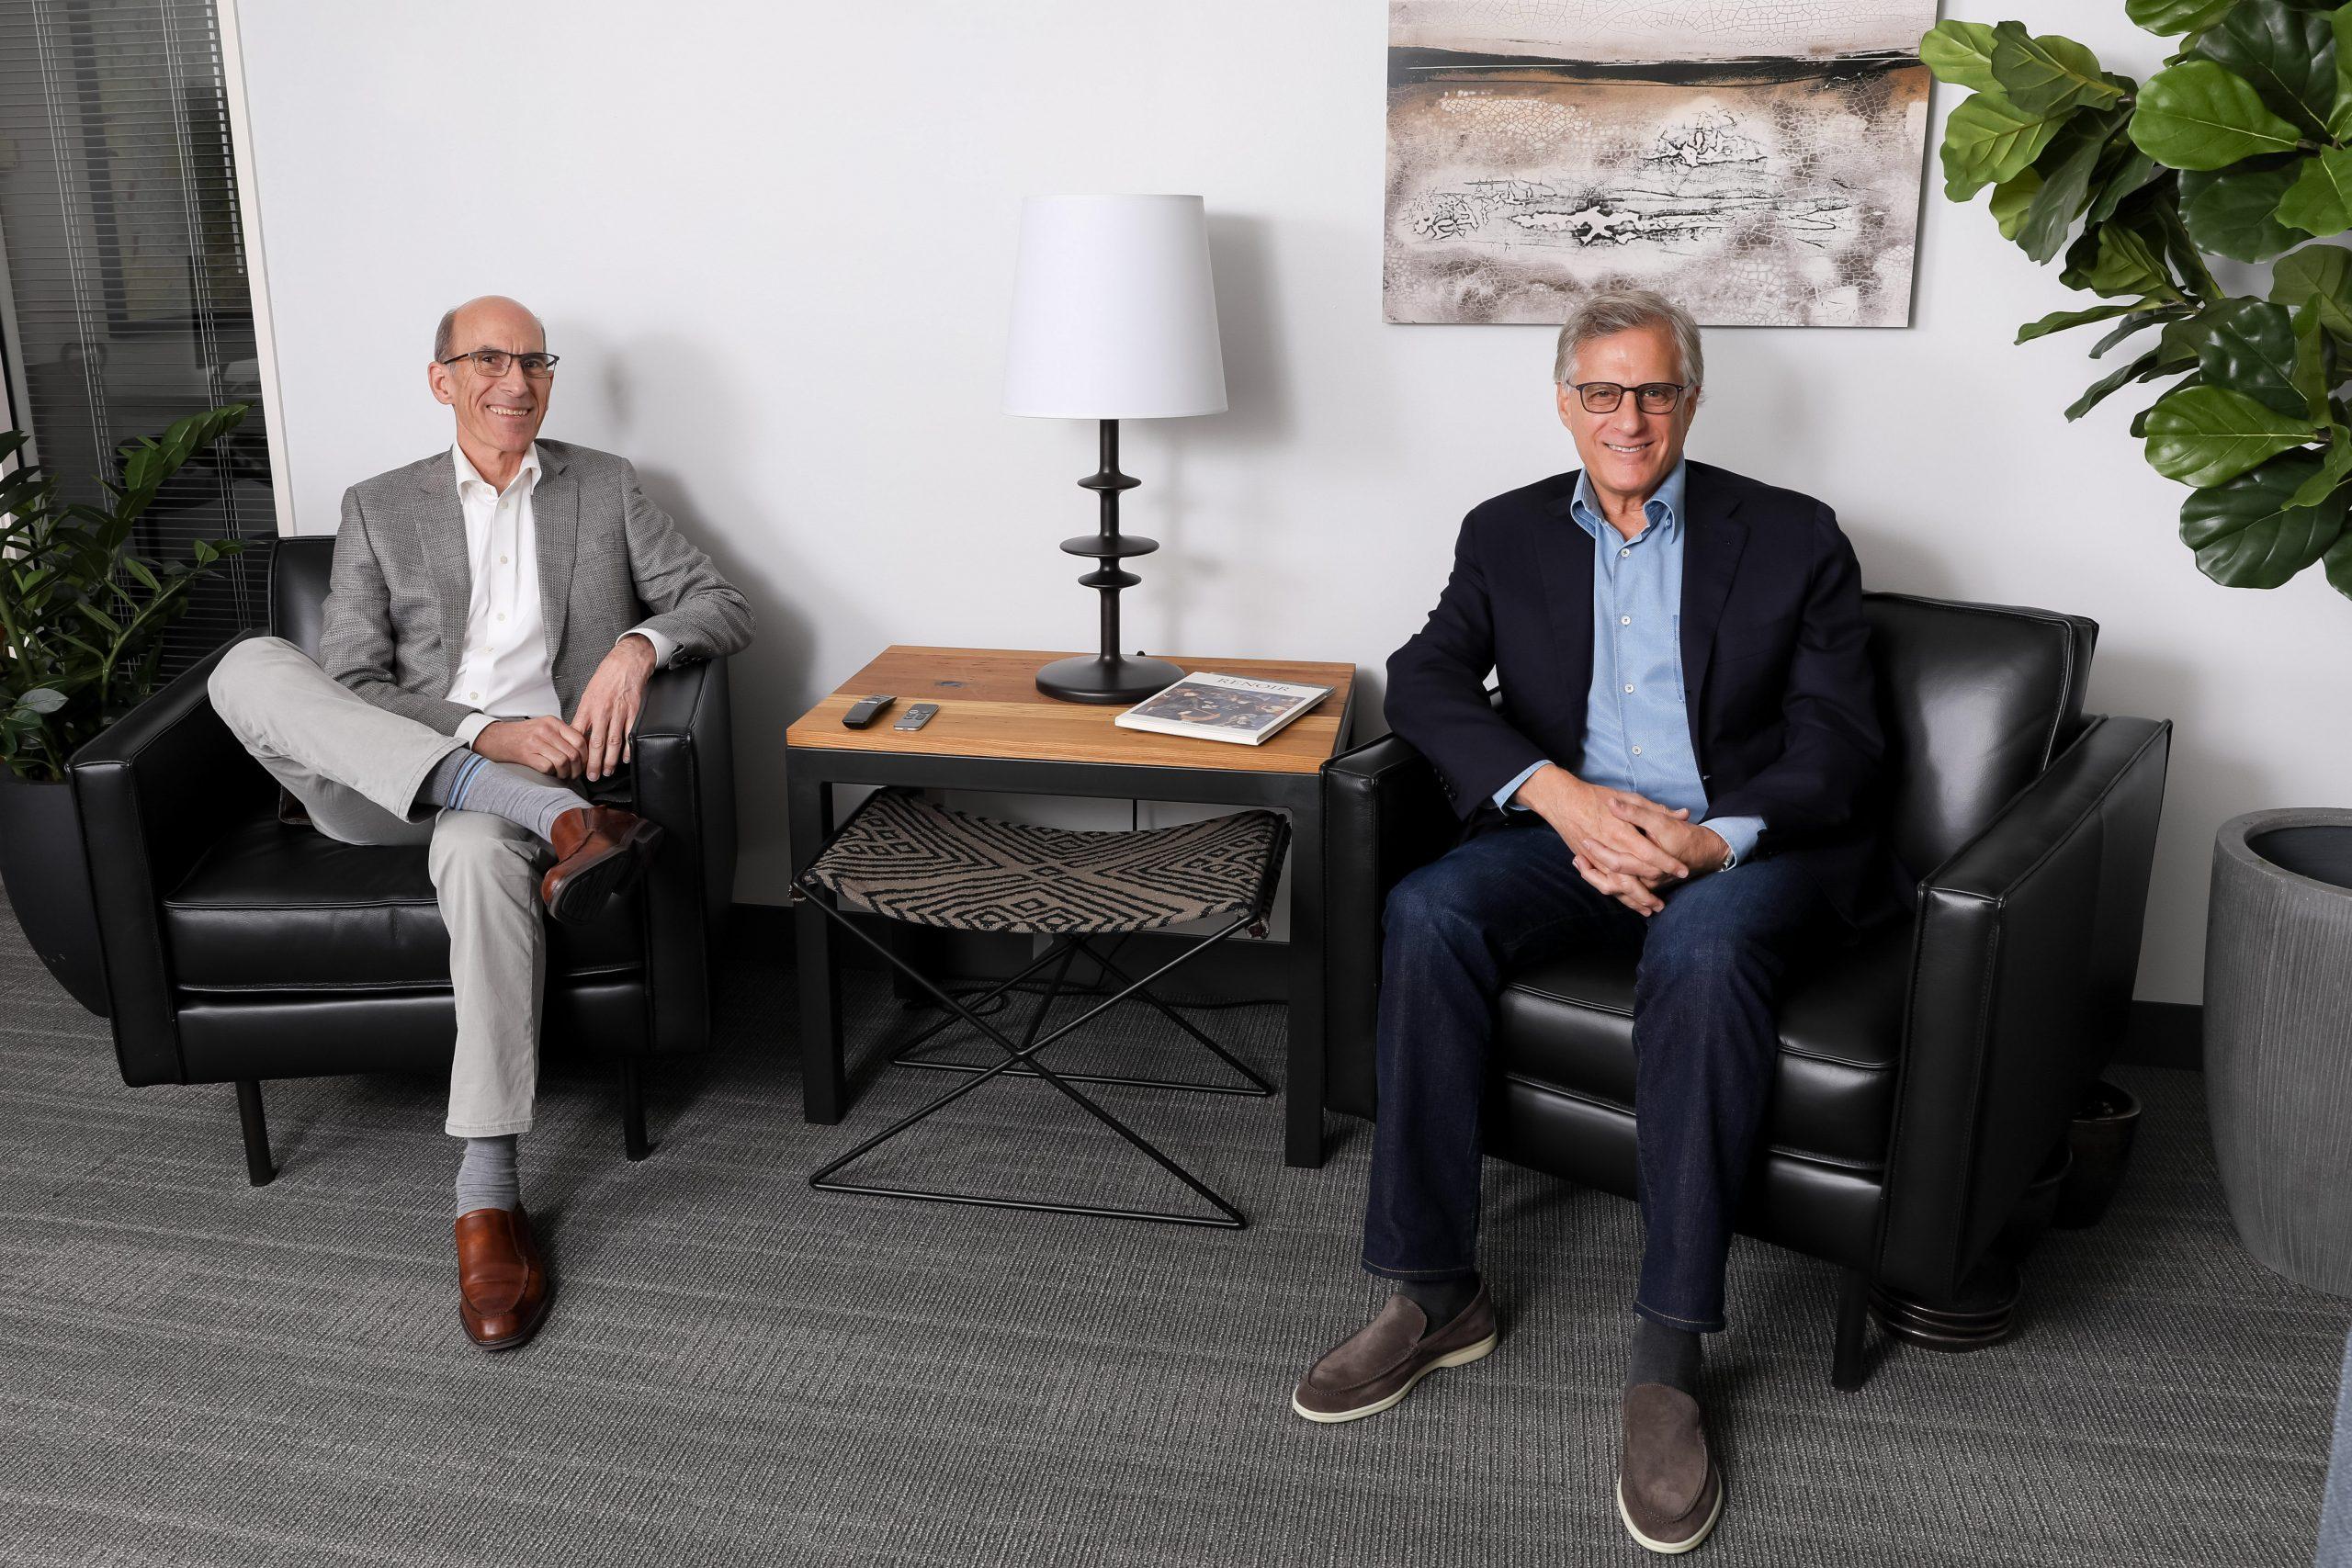 VANTIQ CEO Marty Sprinzen and CTO Paul Butterworth